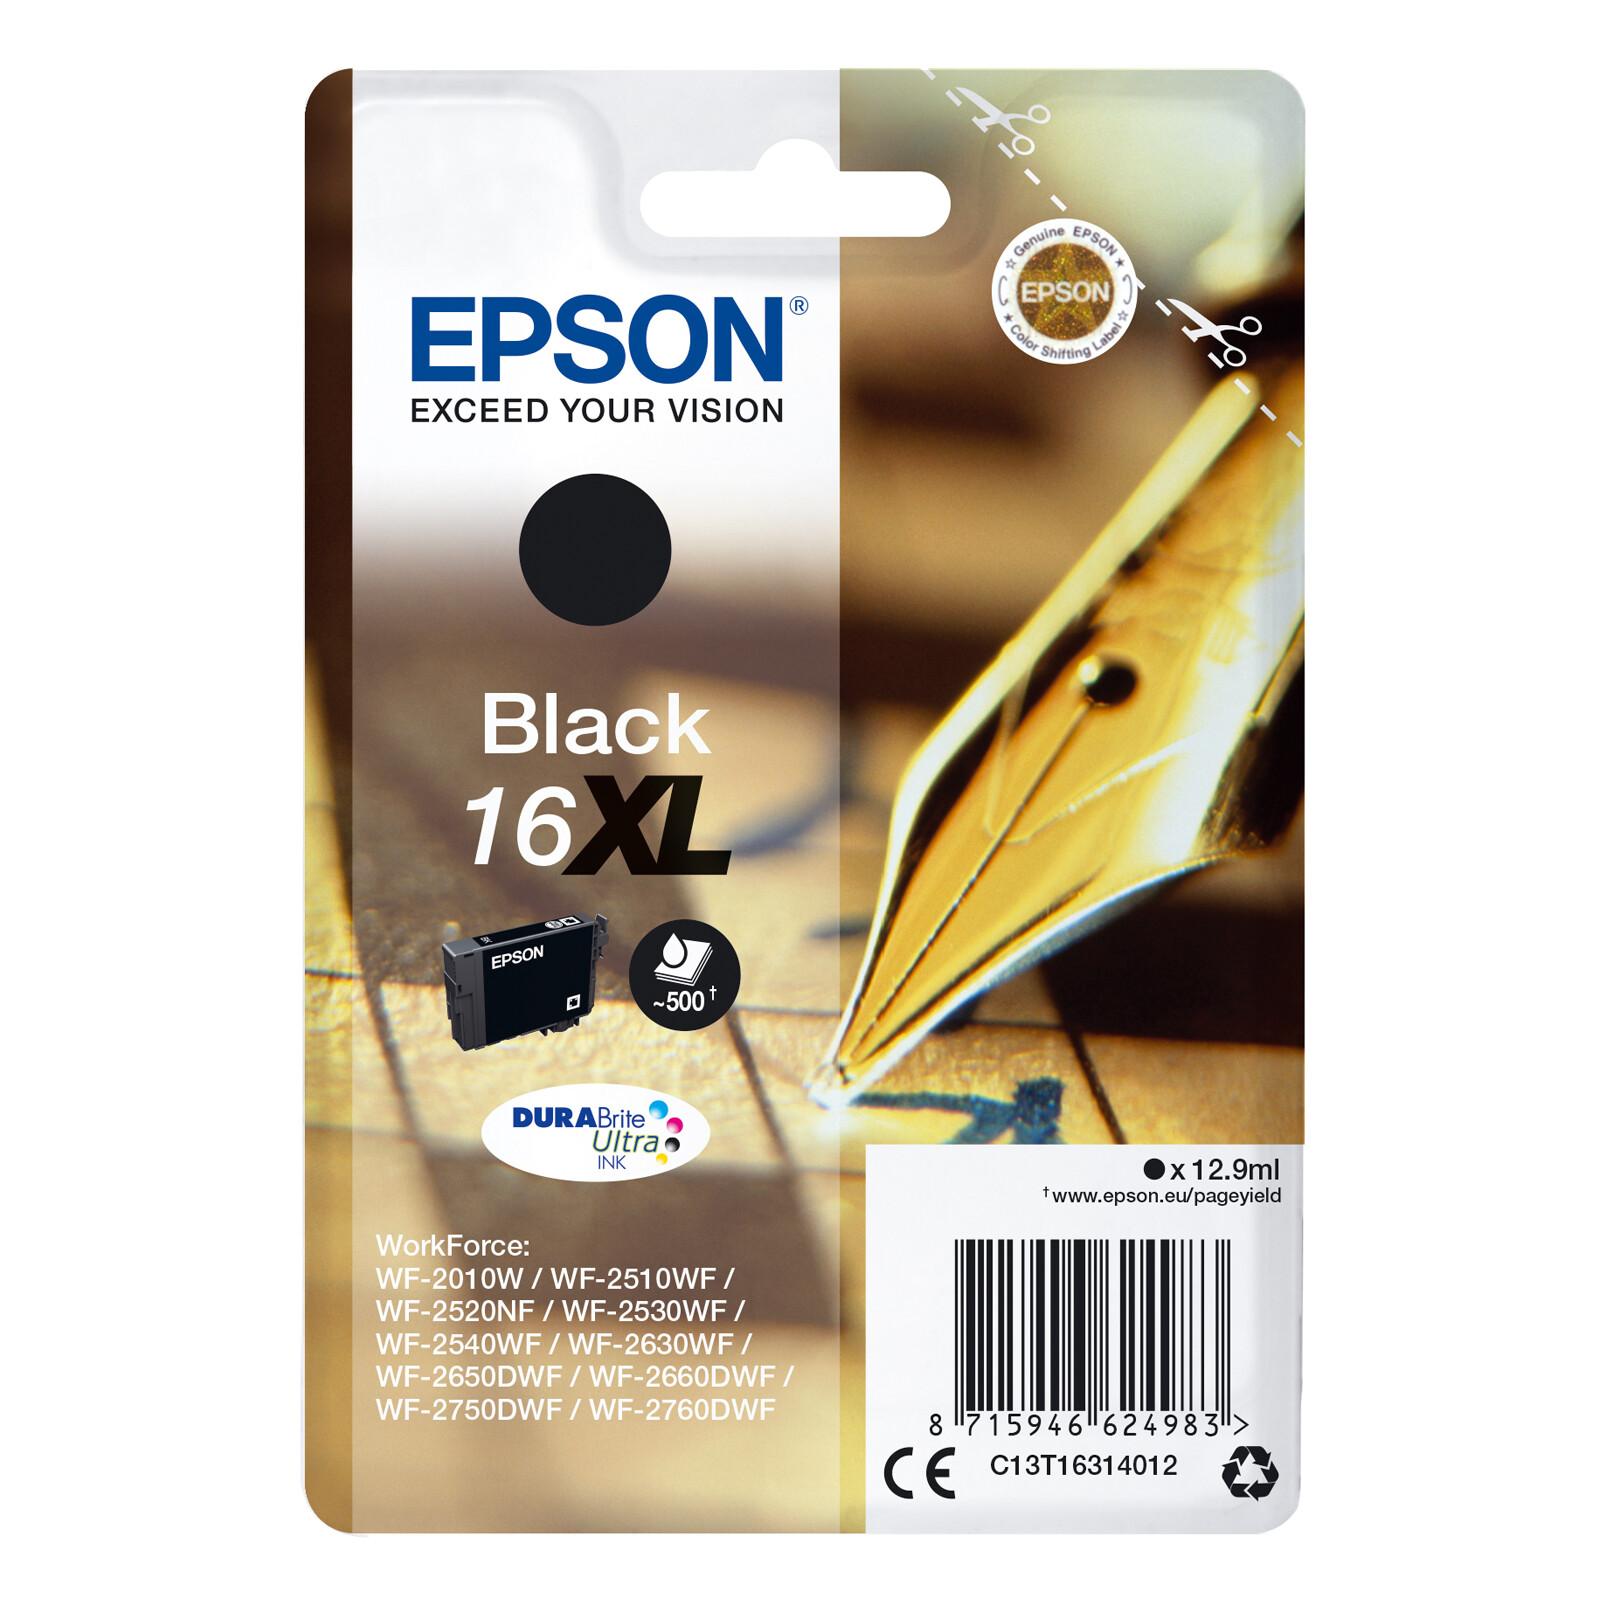 Epson 16XL T1631 Tinte  Black 12,9ml